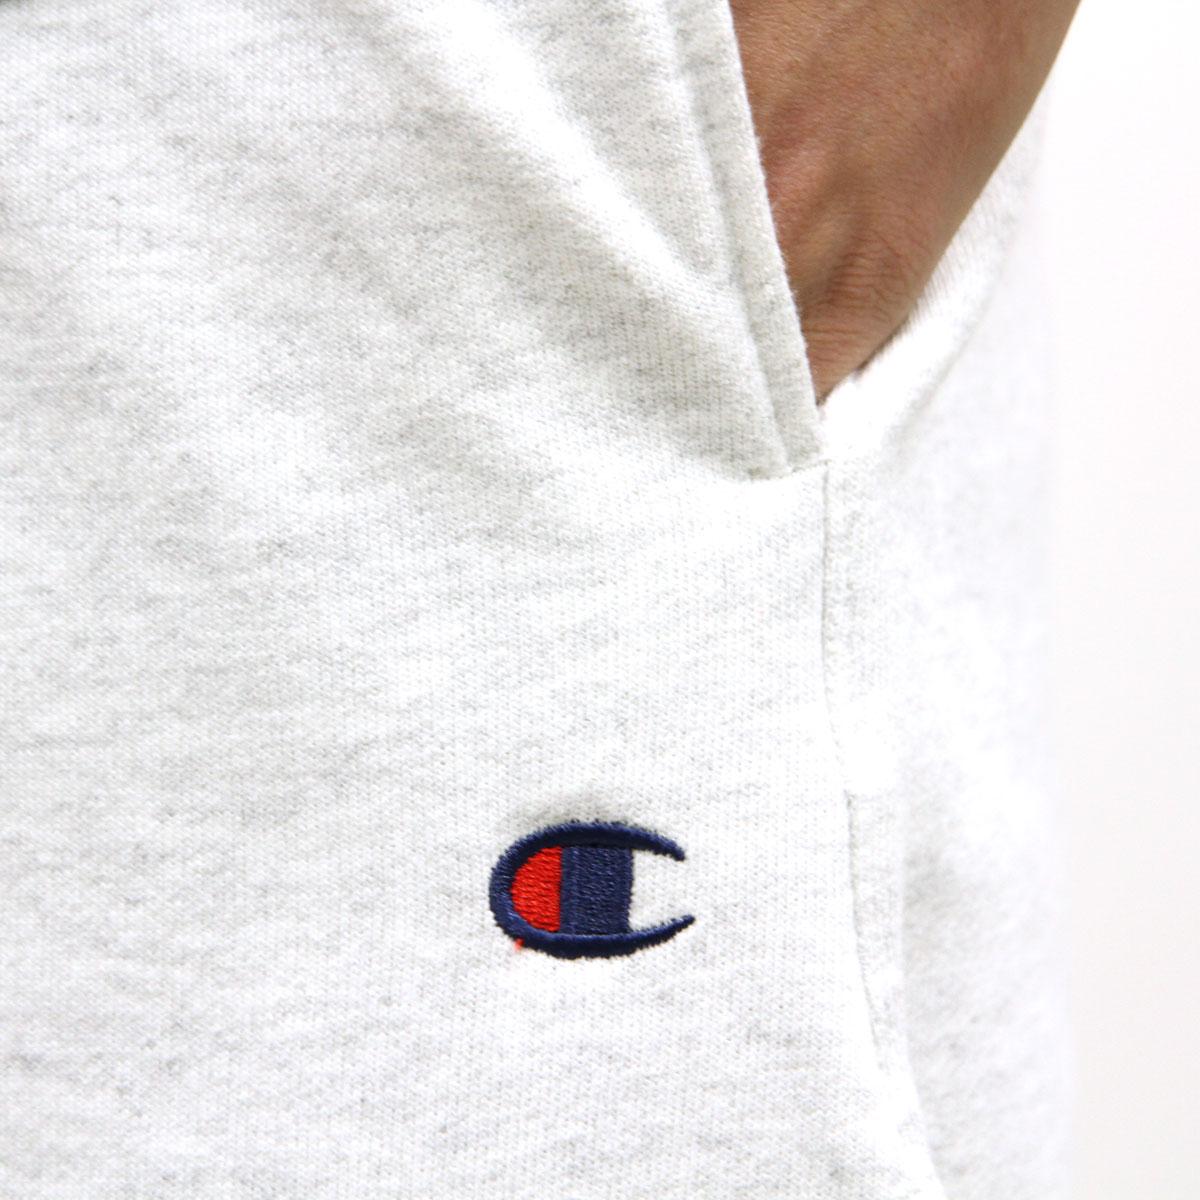 チャンピオン CHAMPION 正規品 メンズ ハーフパンツ SWEAT HALF PANTS P4971 Reverse Weave Pant w/ pockets VU6-GFSSILVERGREY